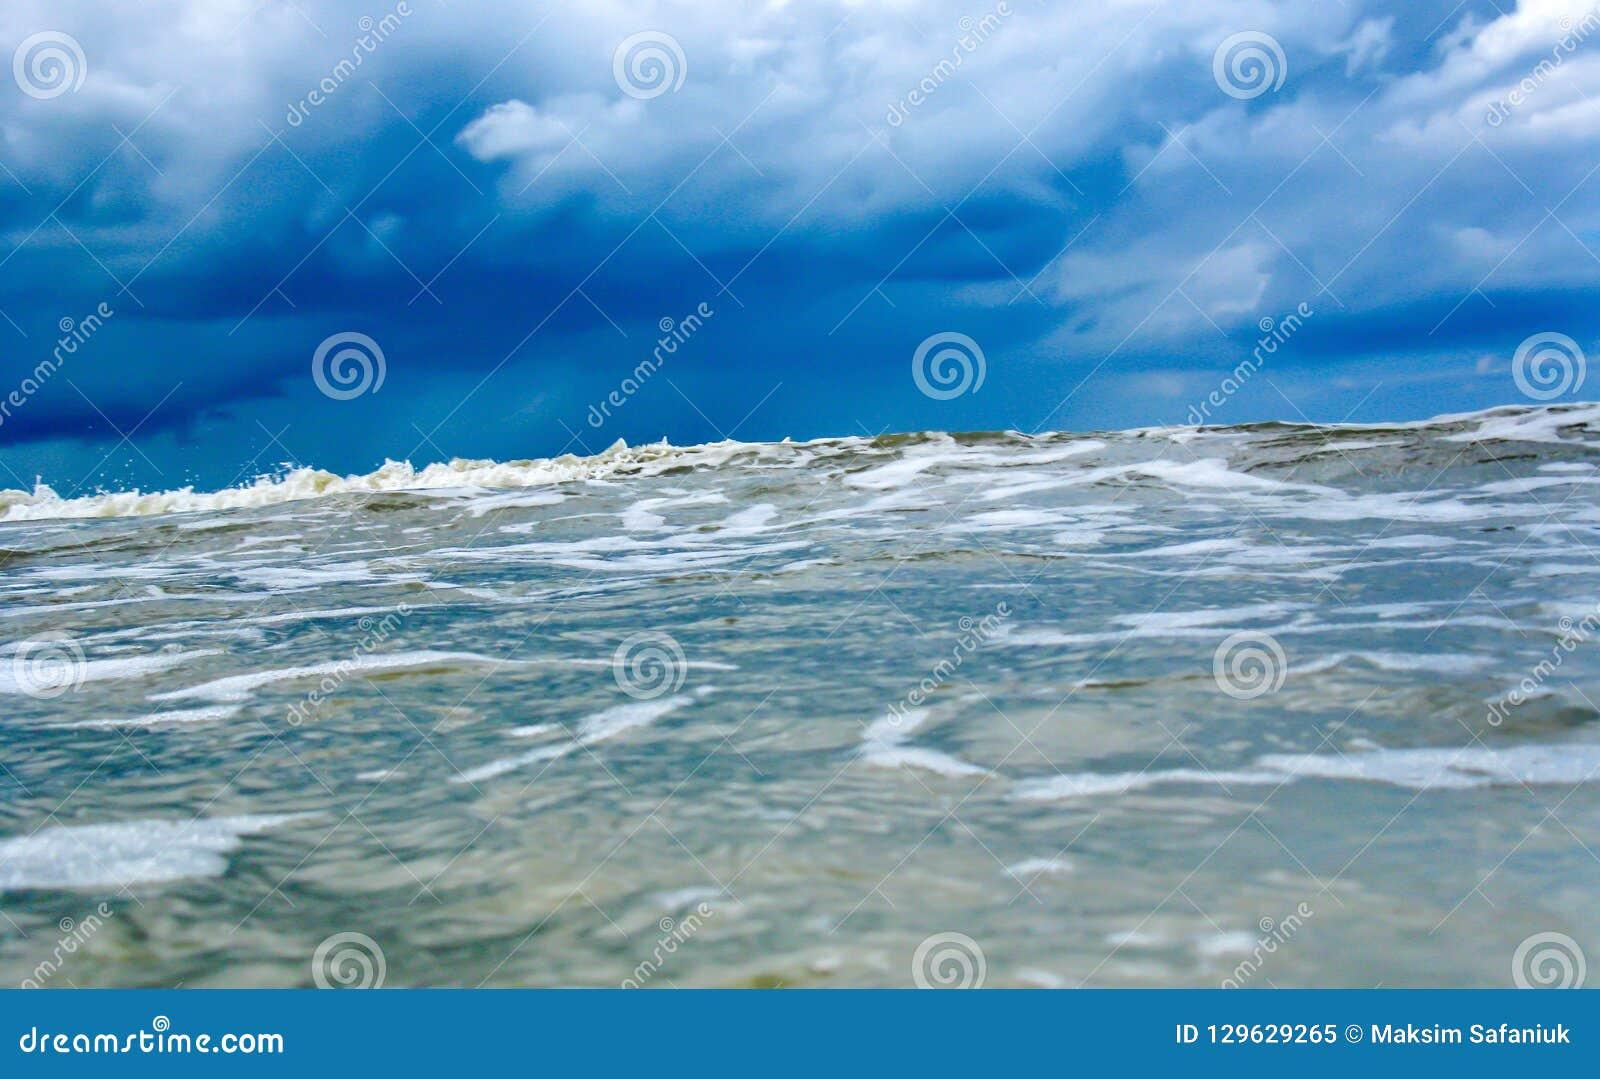 Προσέγγιση του τεράστιου κύματος στην μπλε κρύο θάλασσα ή τον ωκεανό Τσουνάμι, τυφώνας θύελλας